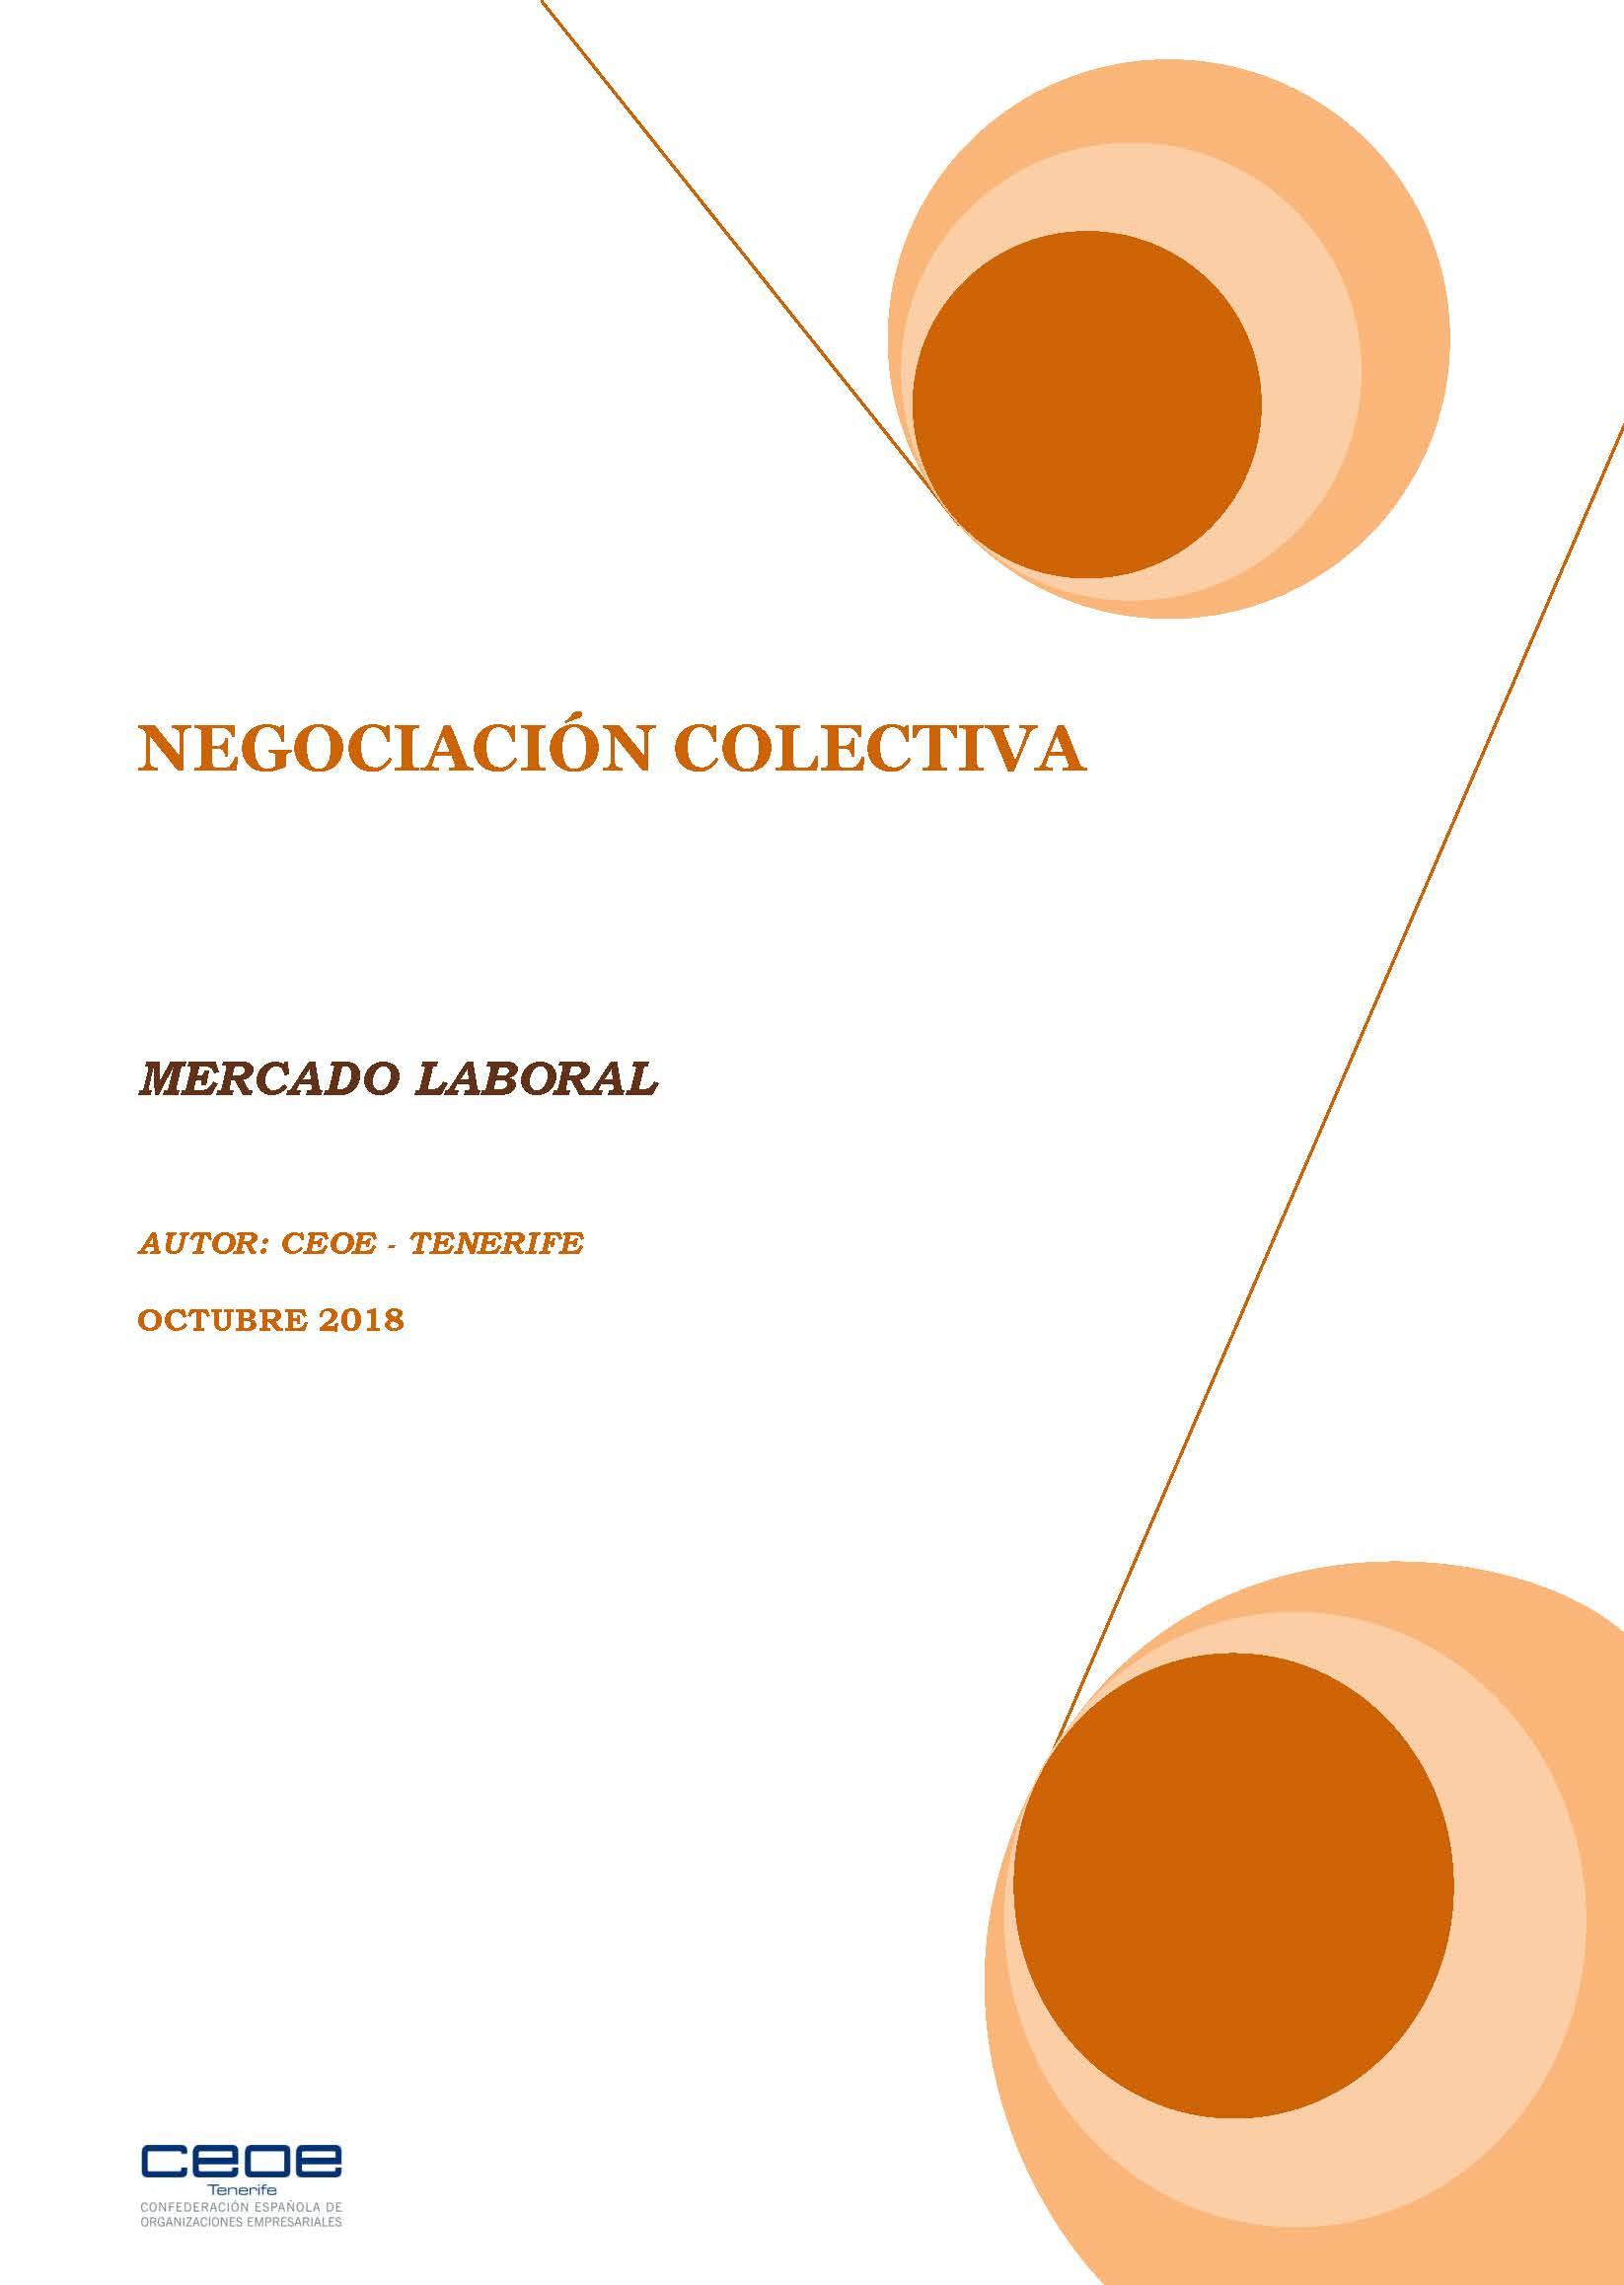 MERCADO LABORAL - NEGOCIACION COLECTIVA OCTUBRE 2018